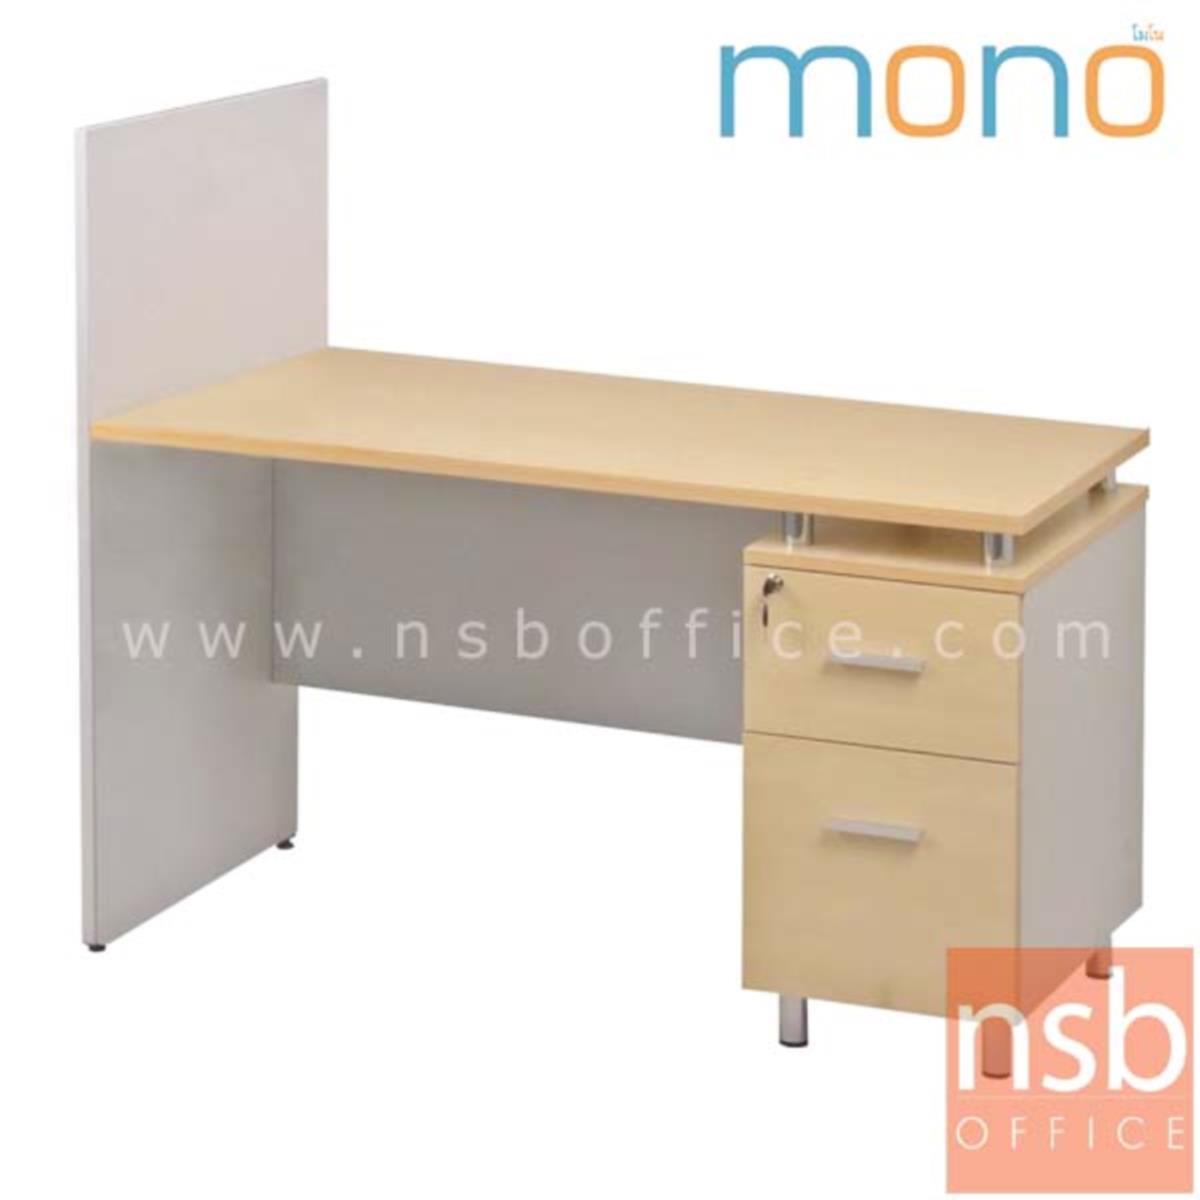 A13A202:โต๊ะทำงาน 2 ลิ้นชัก  รุ่น MN-WYT1216 ขนาด 120W ,160W cm.  พร้อมแผ่นไม้กั้นข้างโต๊ะ